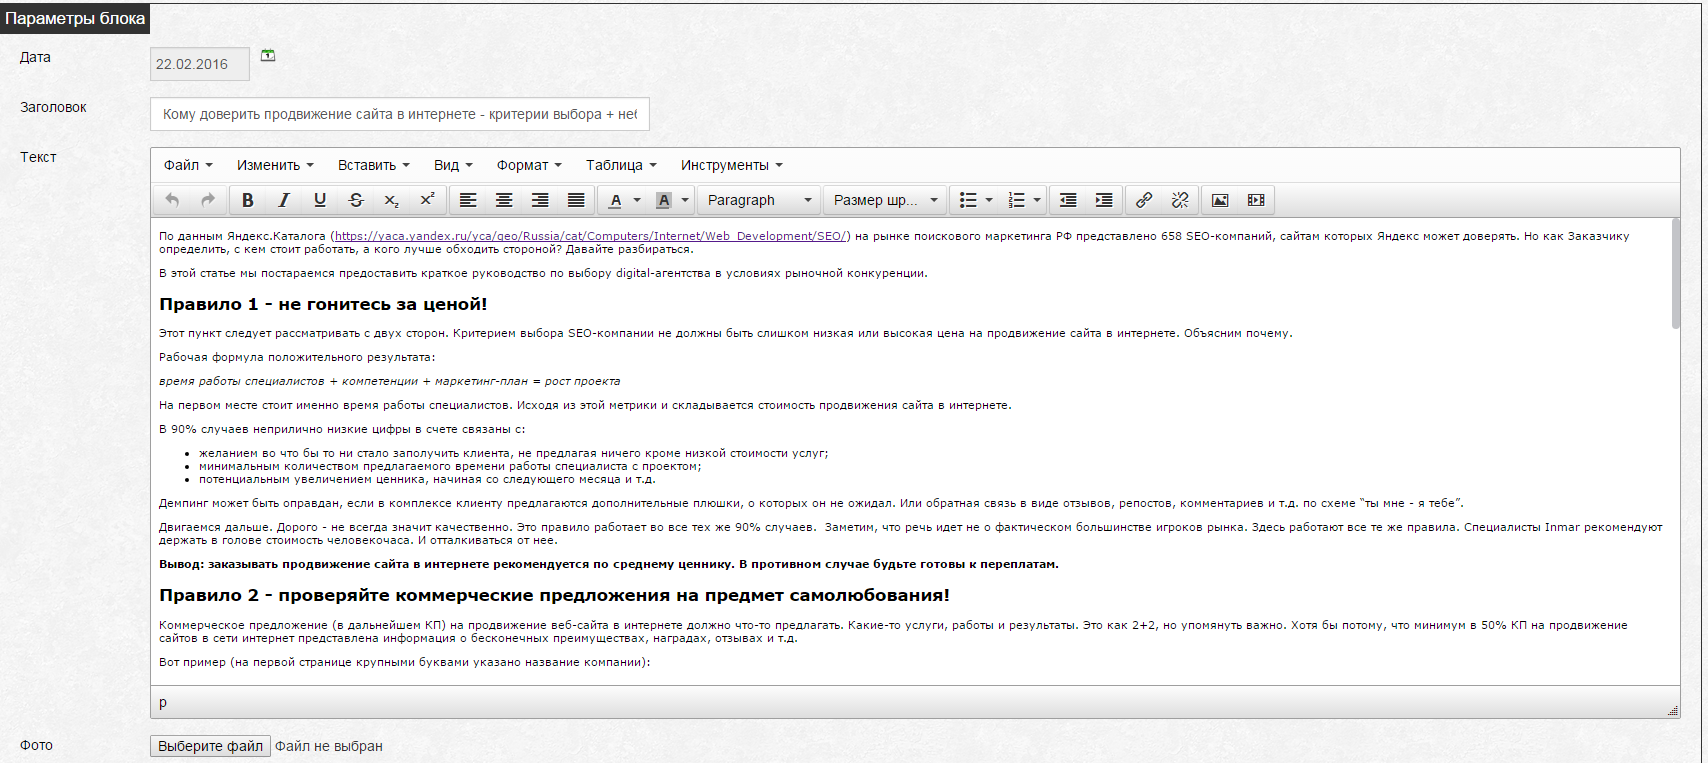 Редактирование контента для поискового продвижения сайтов в интернете